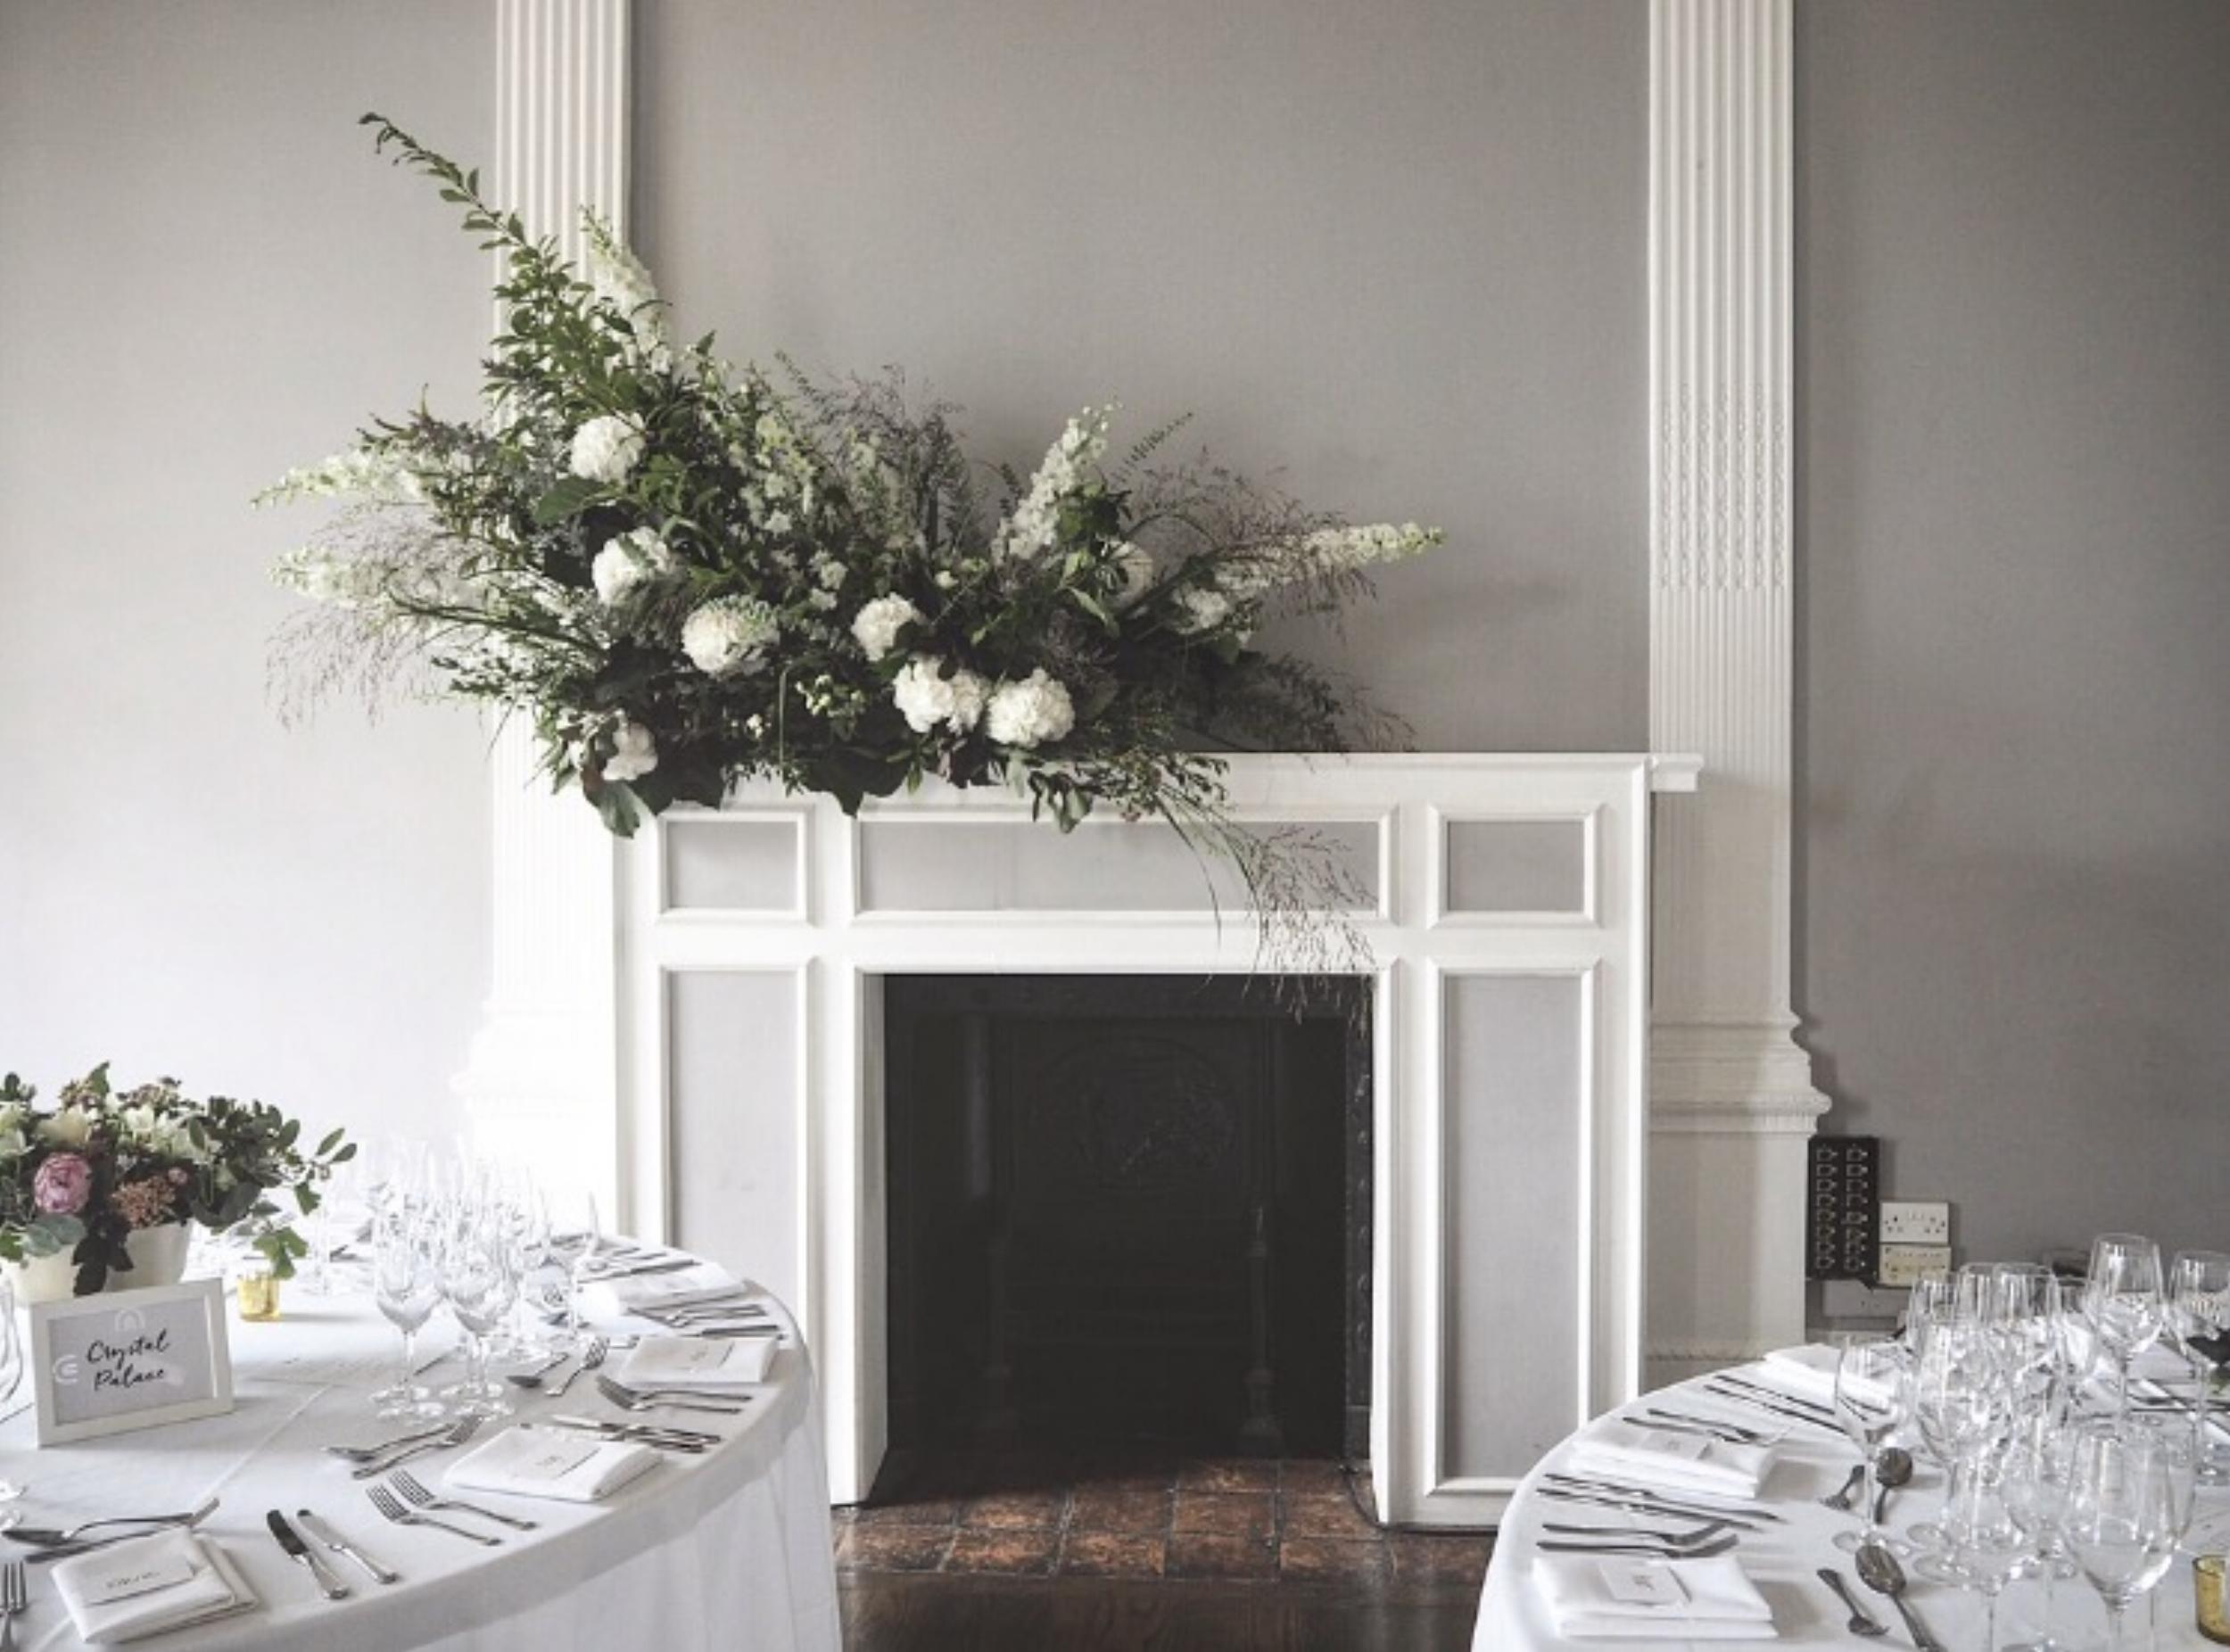 weddings-alright-petal-flowers-3.jpg